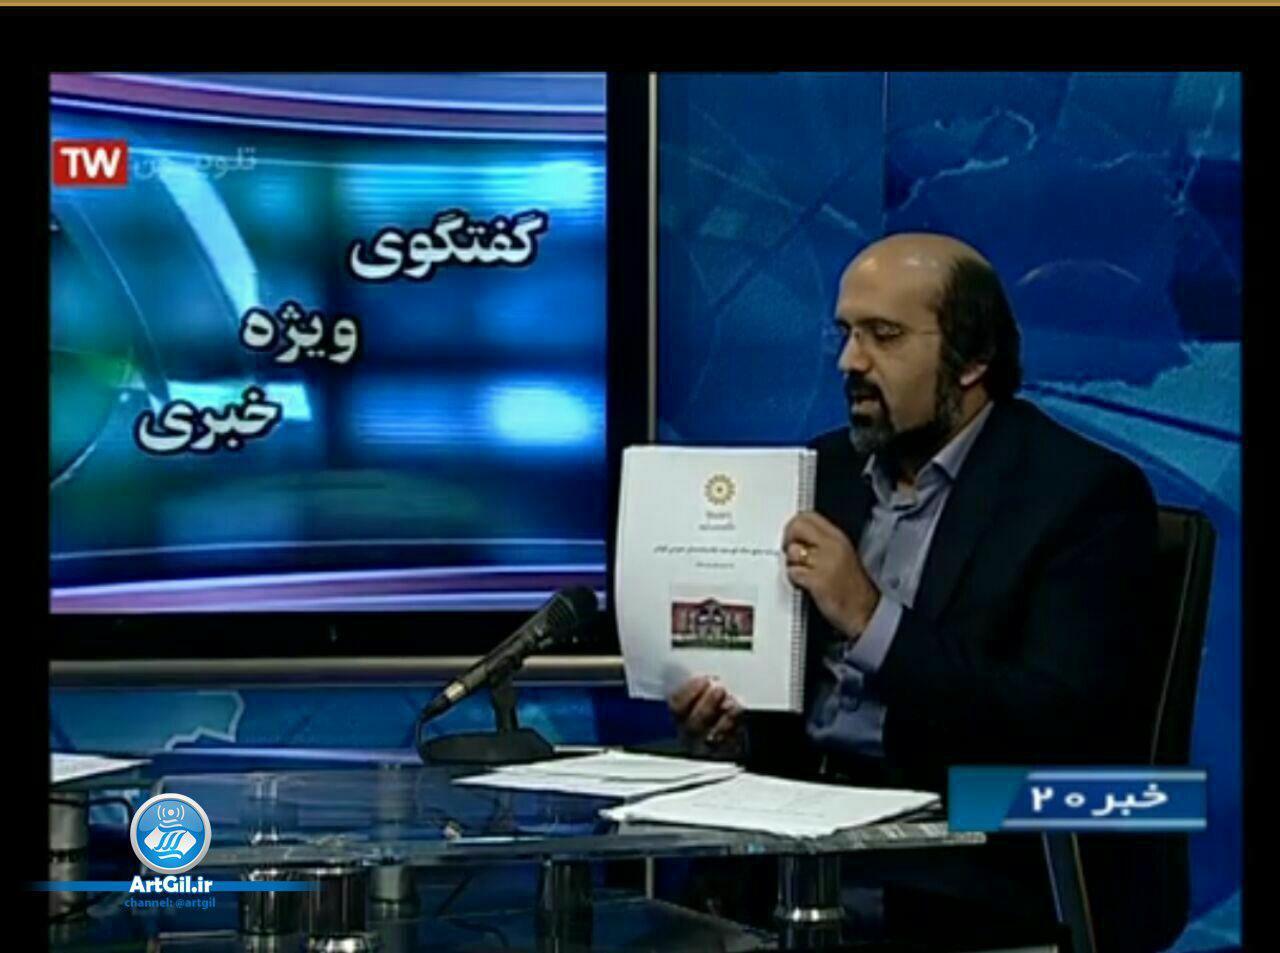 مدیرکل کتابخانه های عمومی استان گیلان در برنامه زنده گفتگوی ویژه خبری سیمای مرکز گیلان